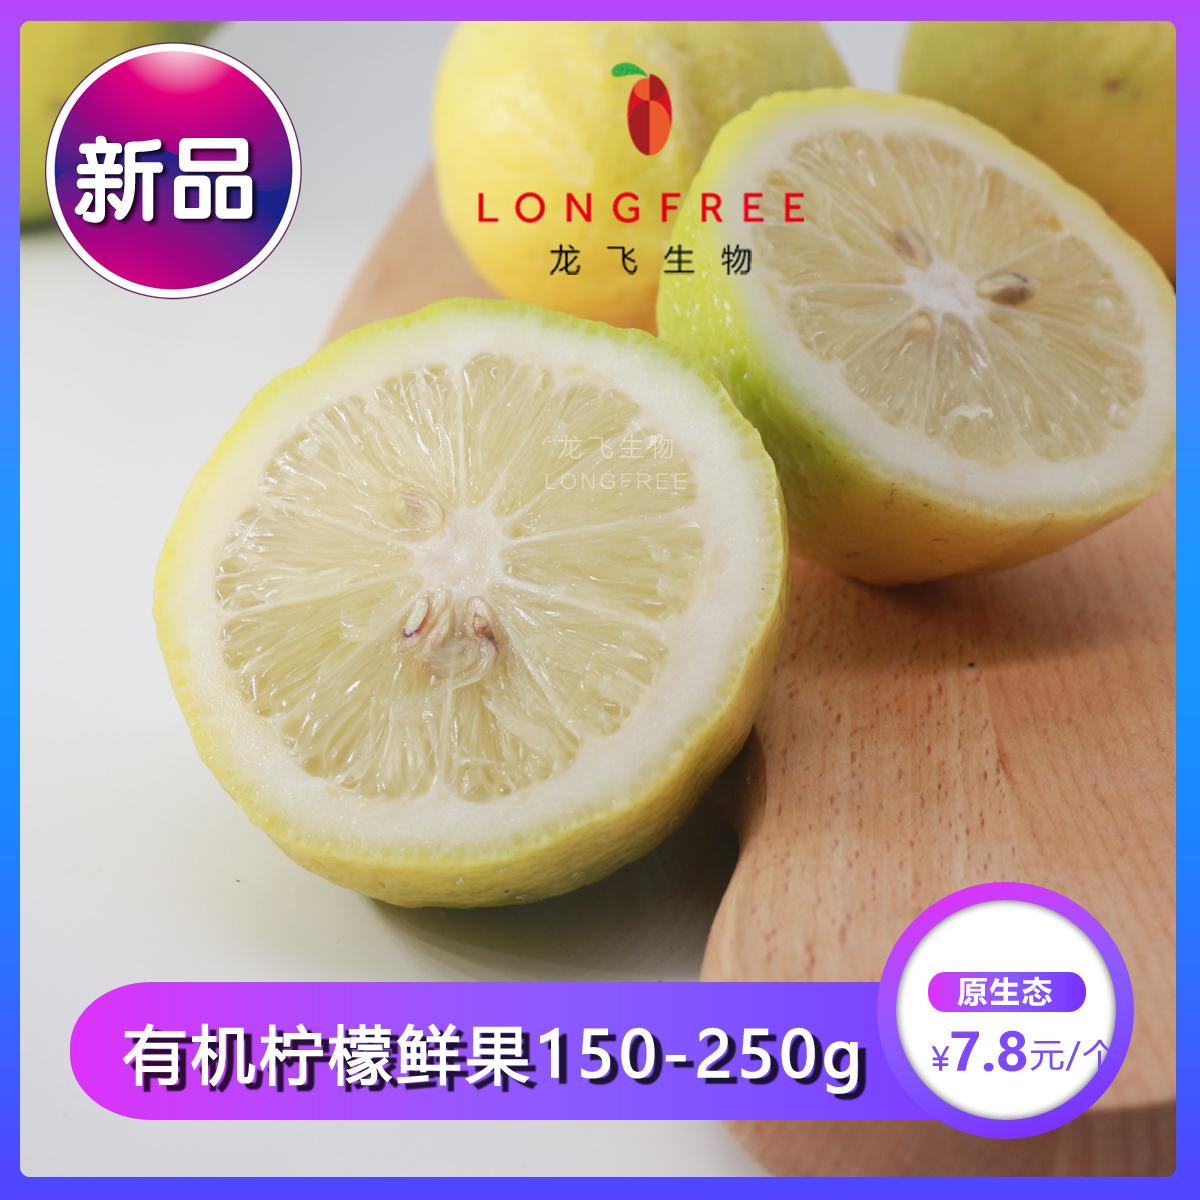 有机新鲜无籽青柠檬皮薄多汁夏季水果重150-250g台湾品种